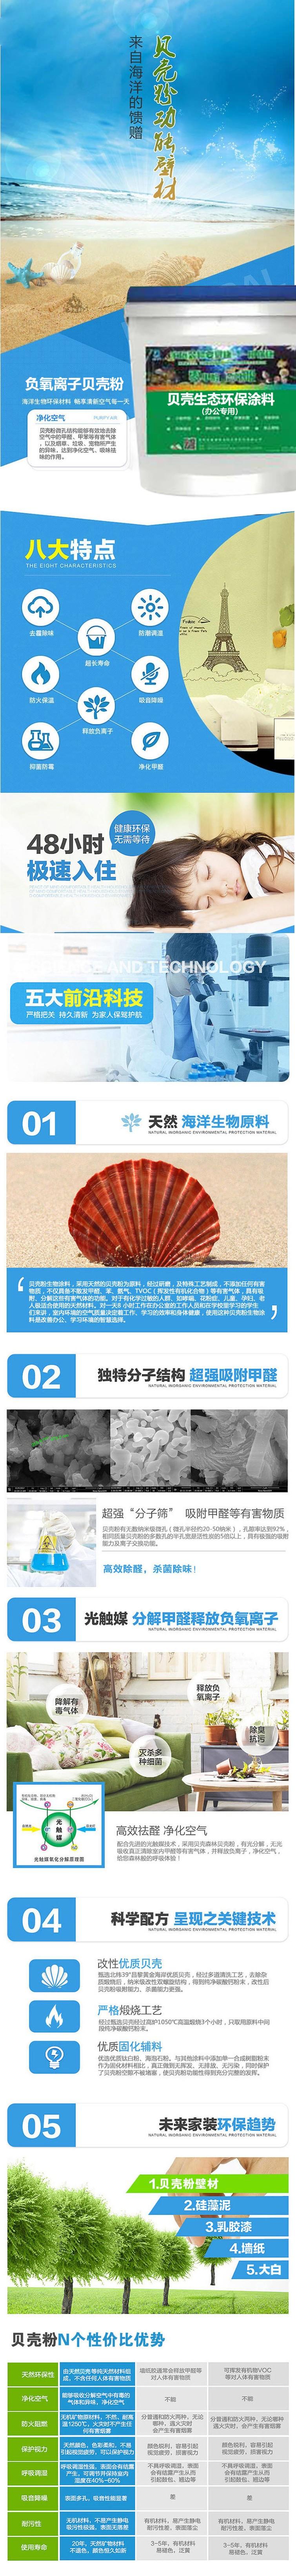 负氧离子贝壳粉.jpg